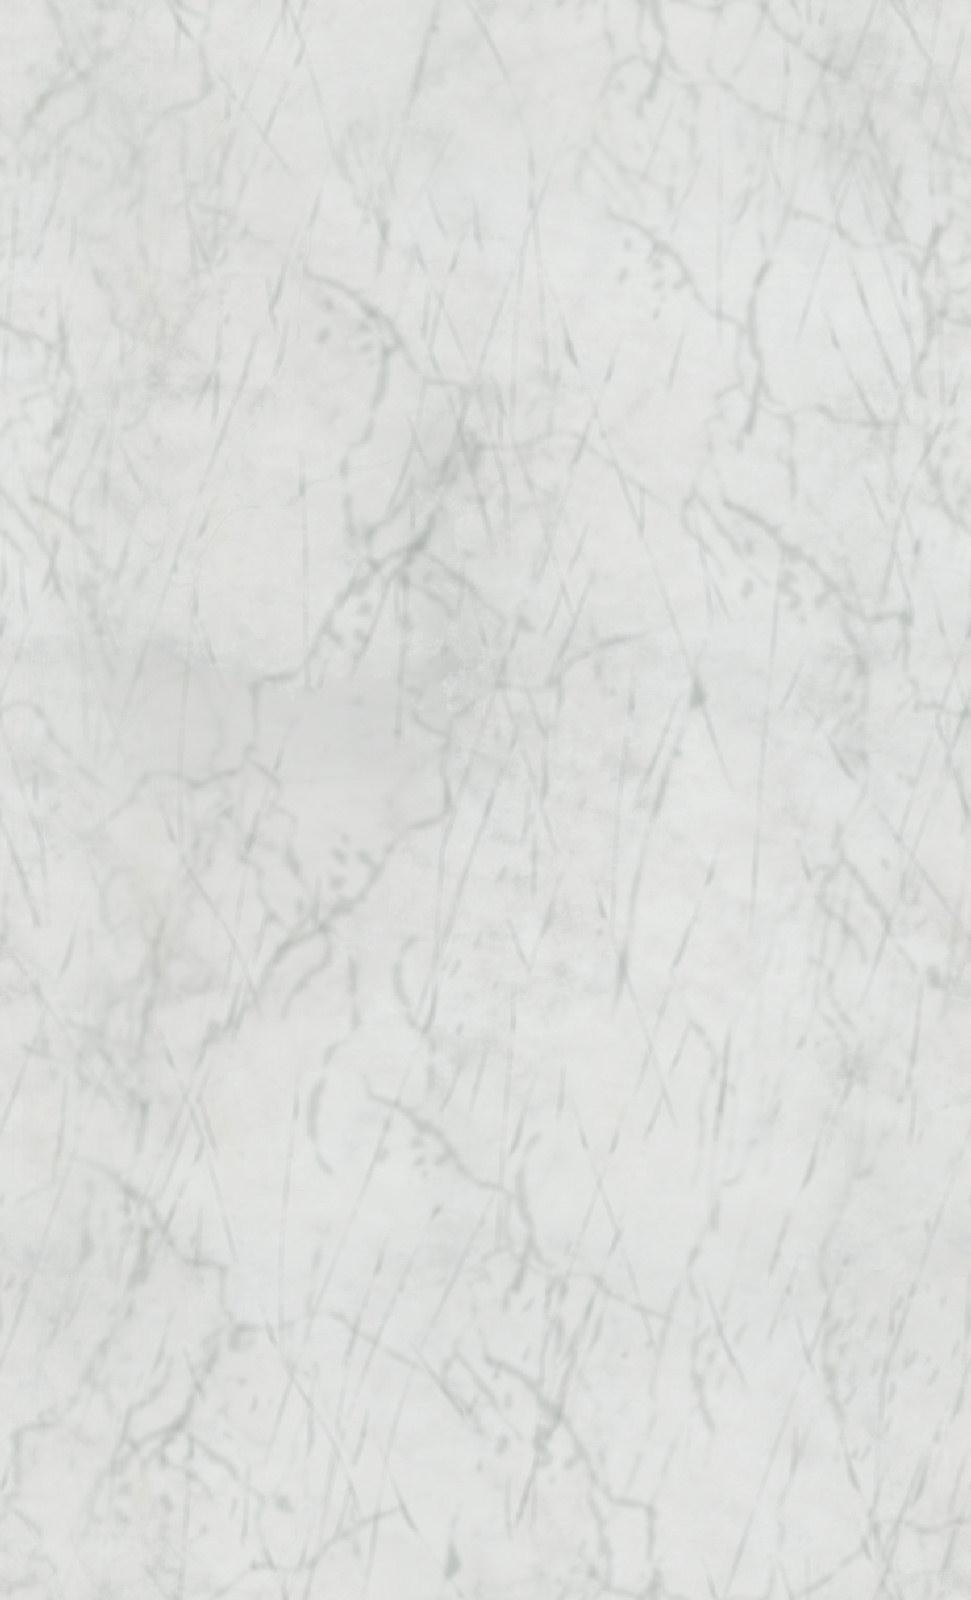 Seamless White Marble : Swtexture free architectural textures white marble